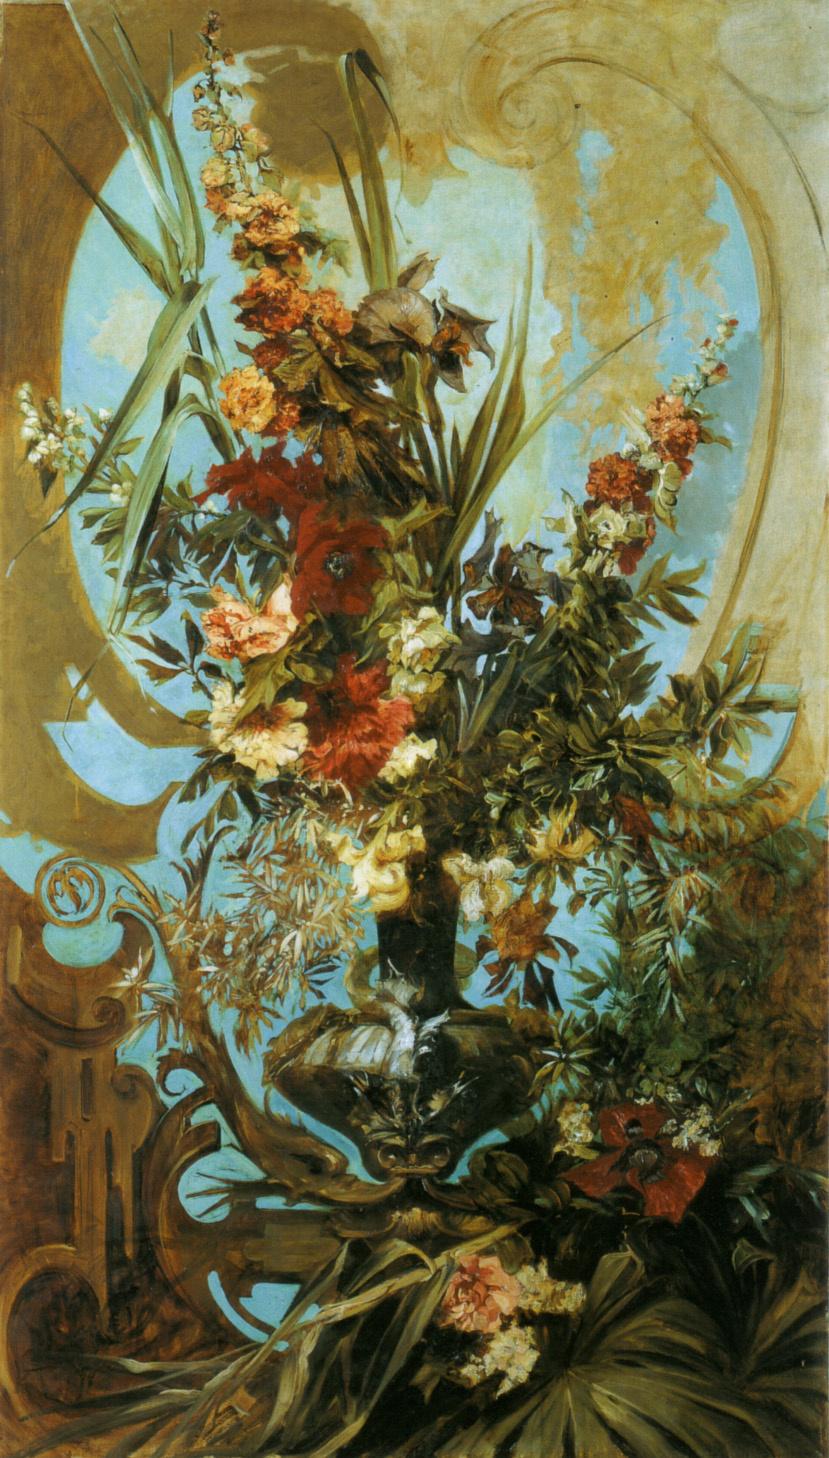 Hans Makart. Decorative bouquet of flowers